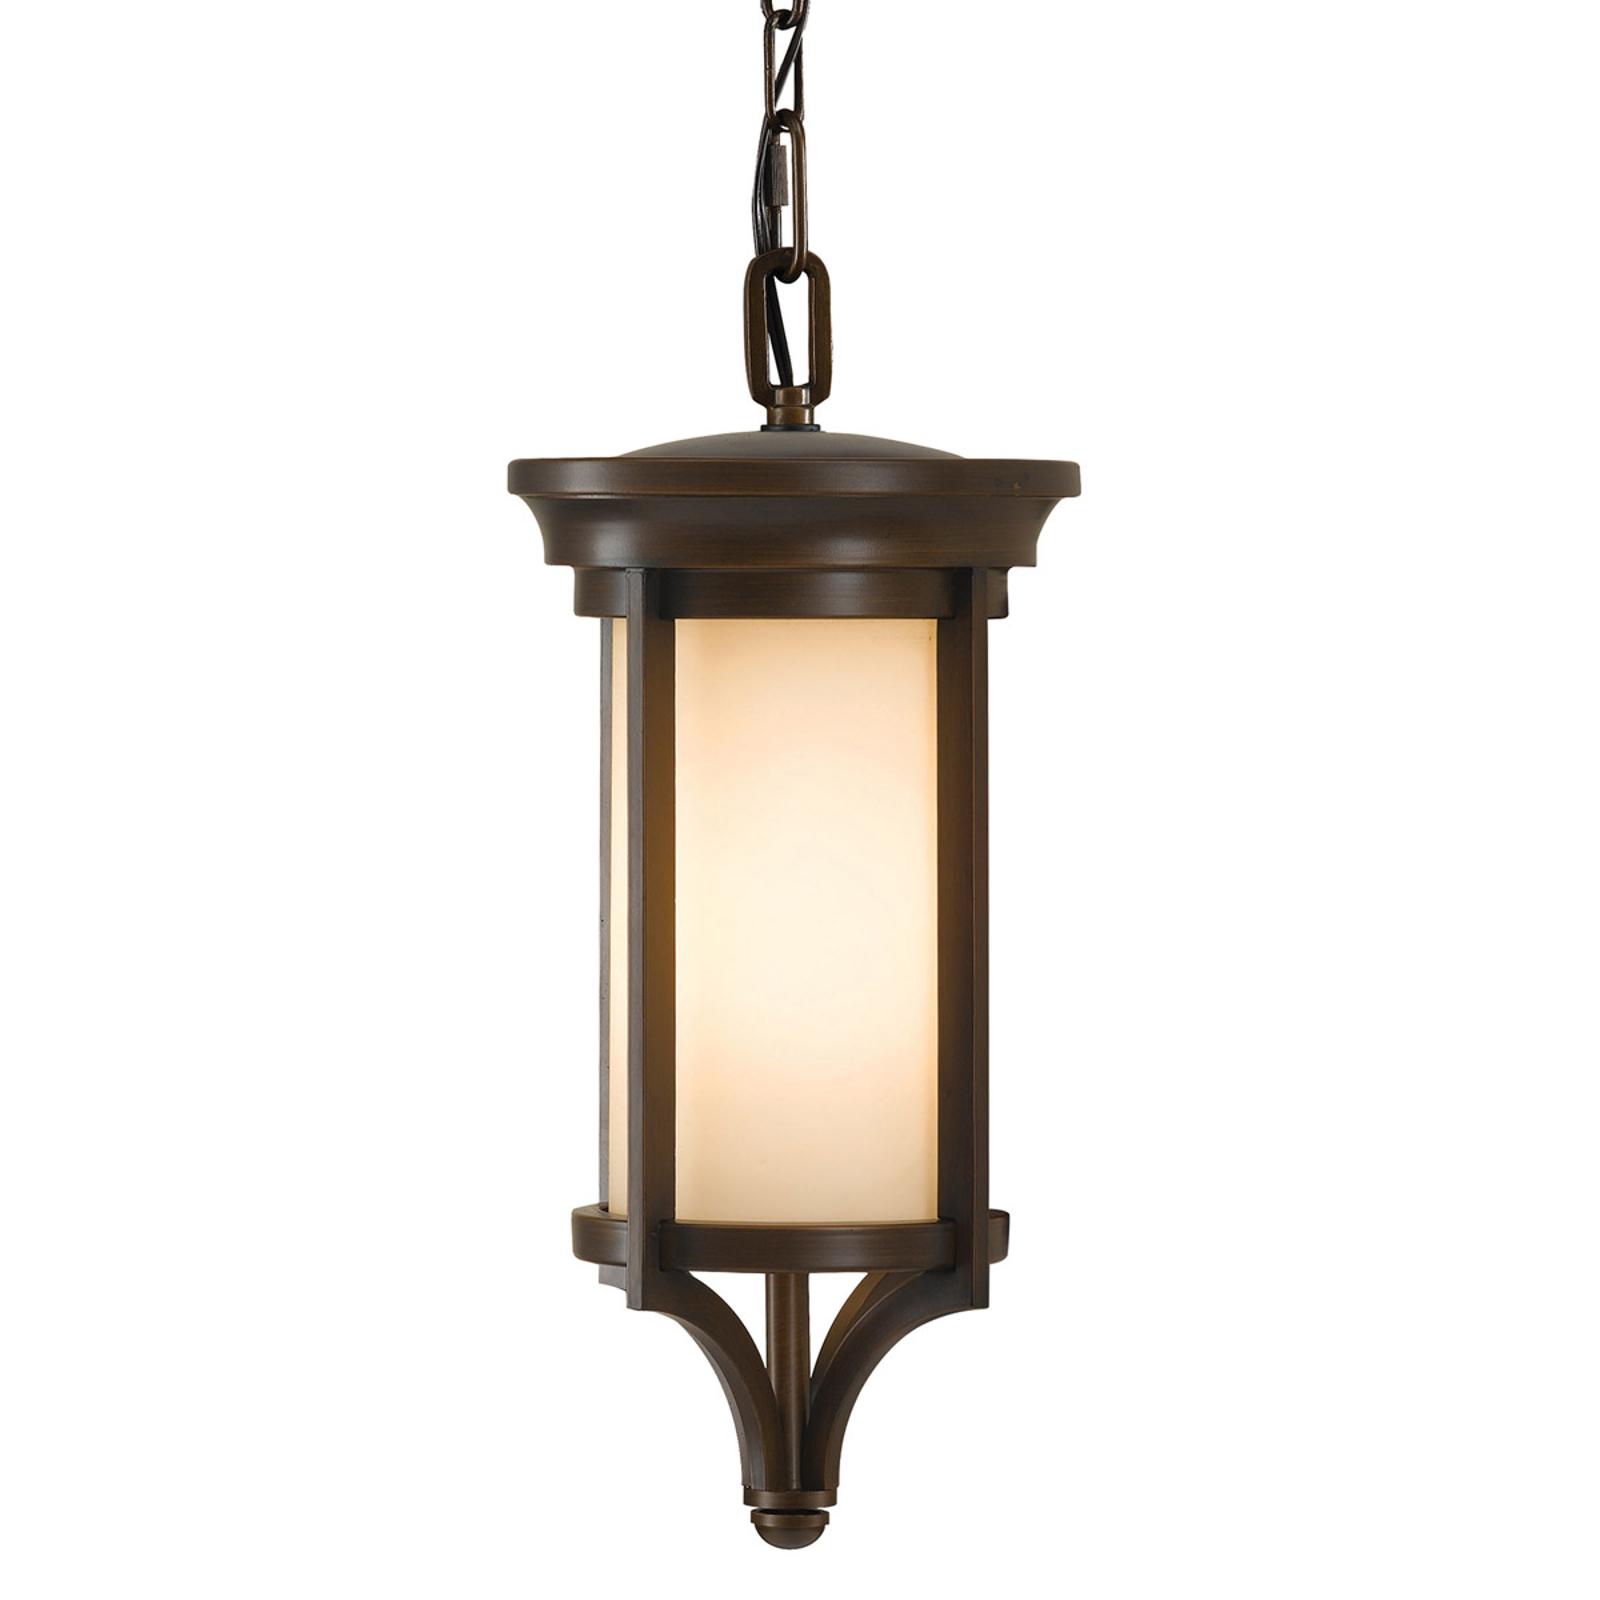 Závěsné světlo Merrill venkovní v bronzové barvě